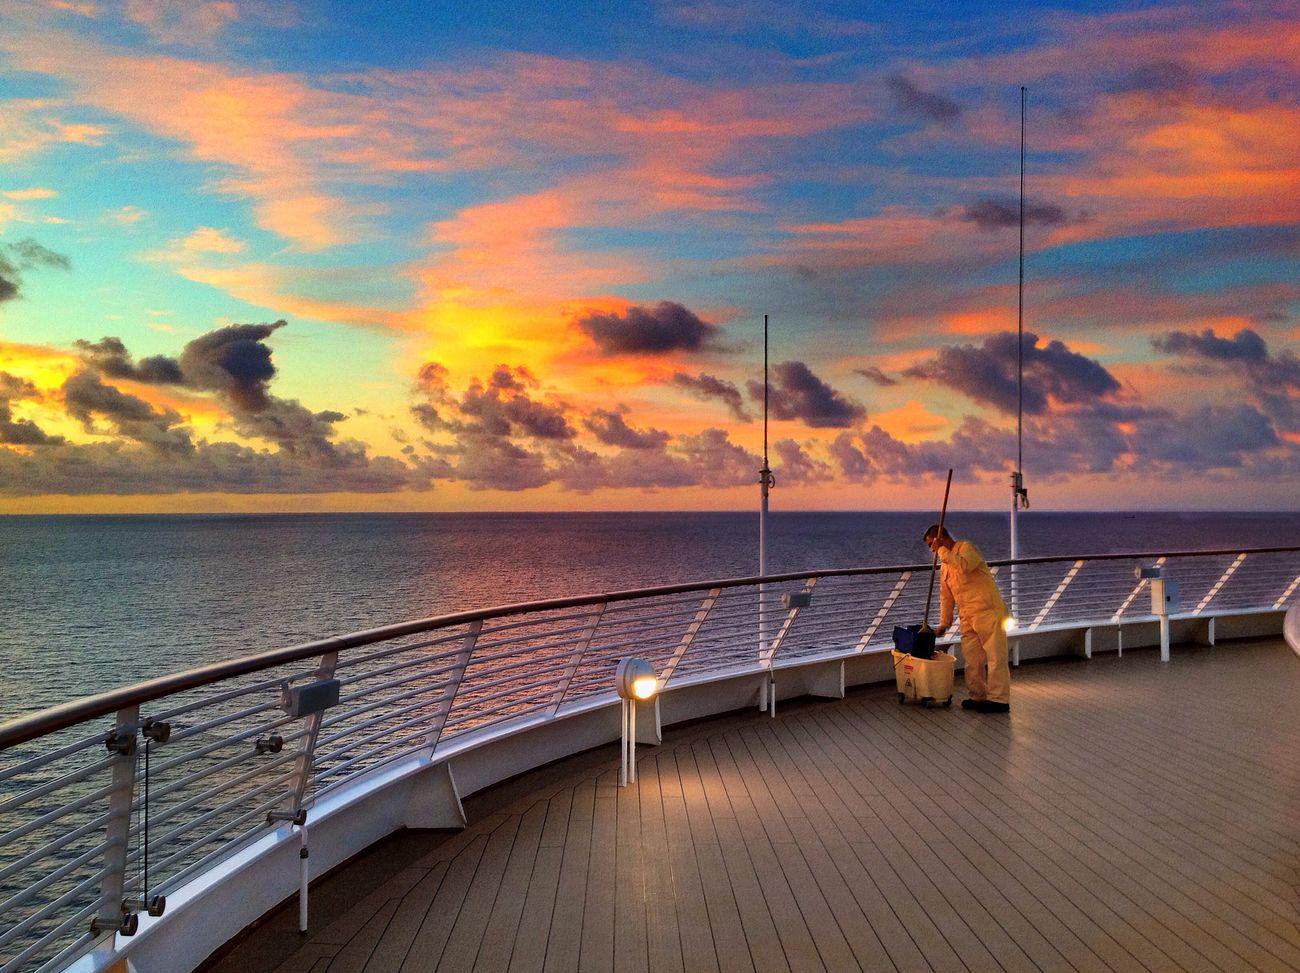 sunrise at Disney Cruise Sunrise